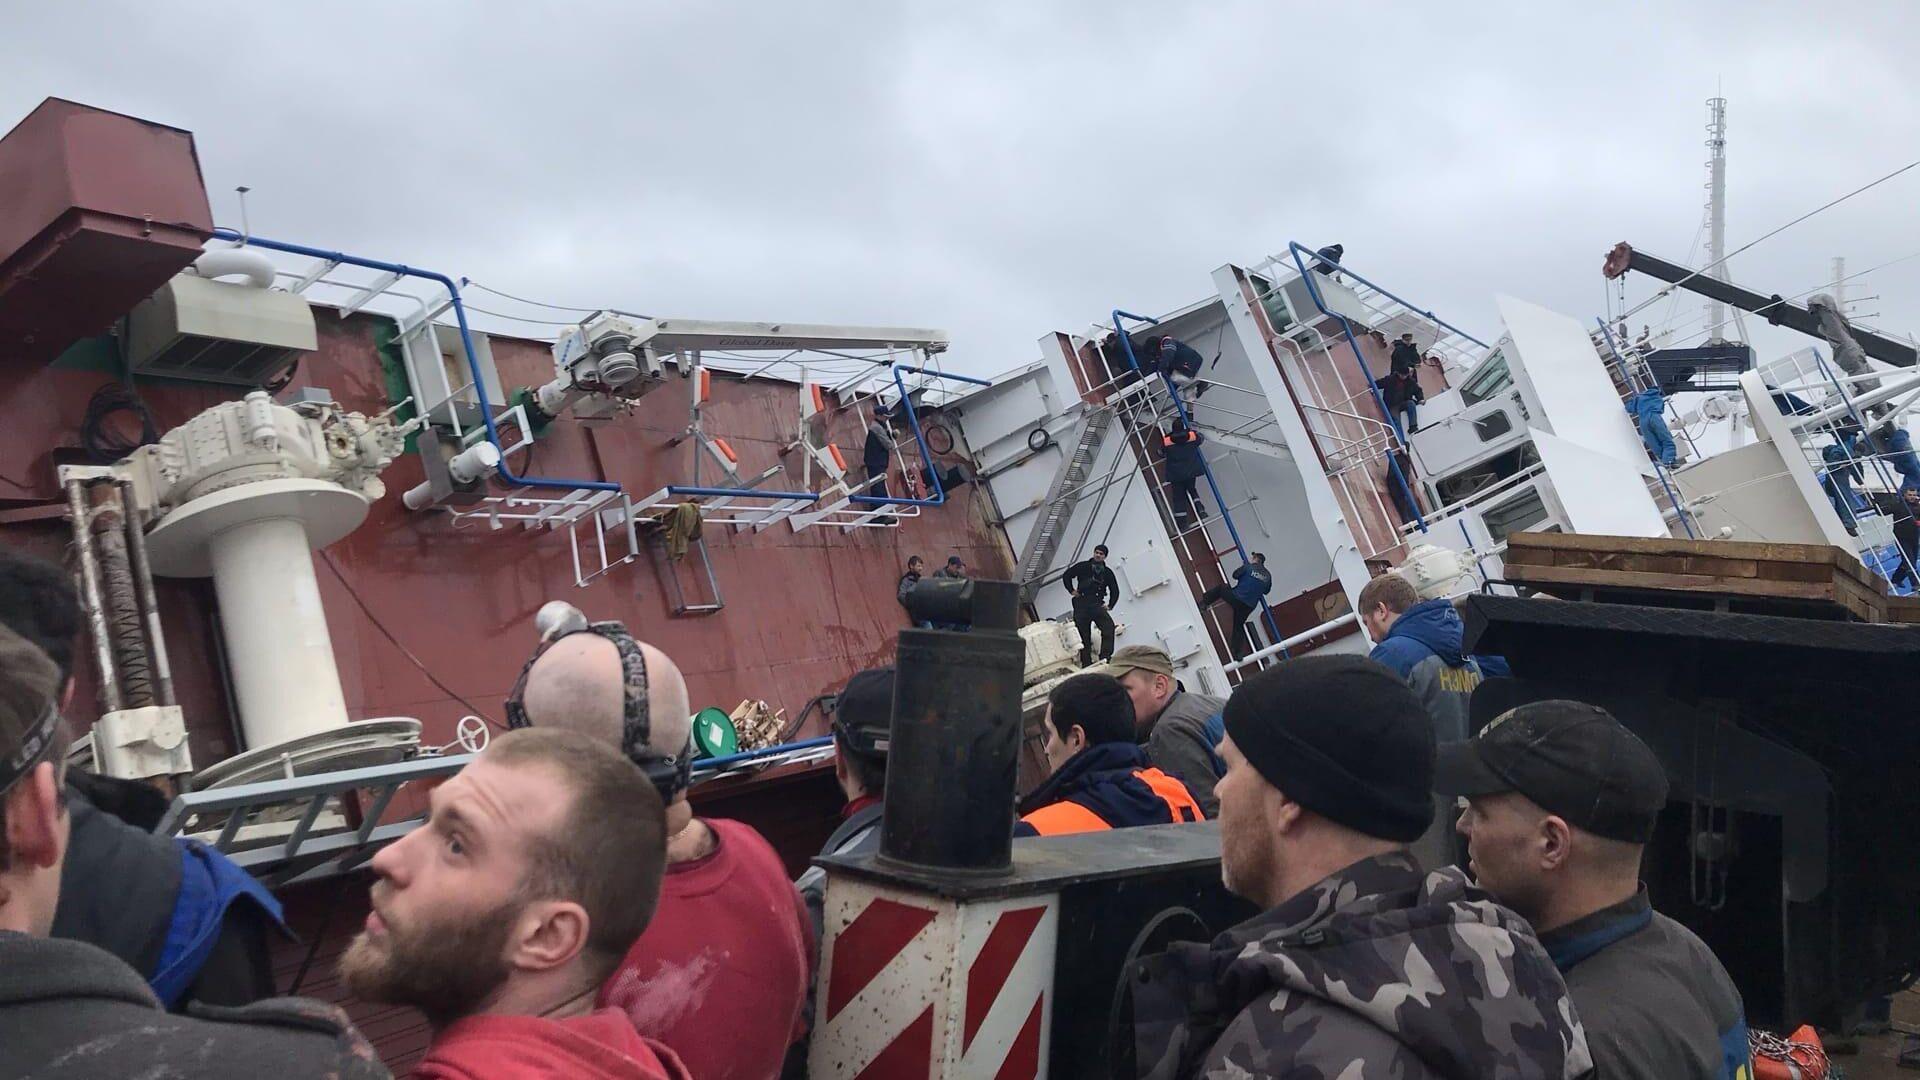 СК возбудил дело после опрокидывания судна в Ленинградской области